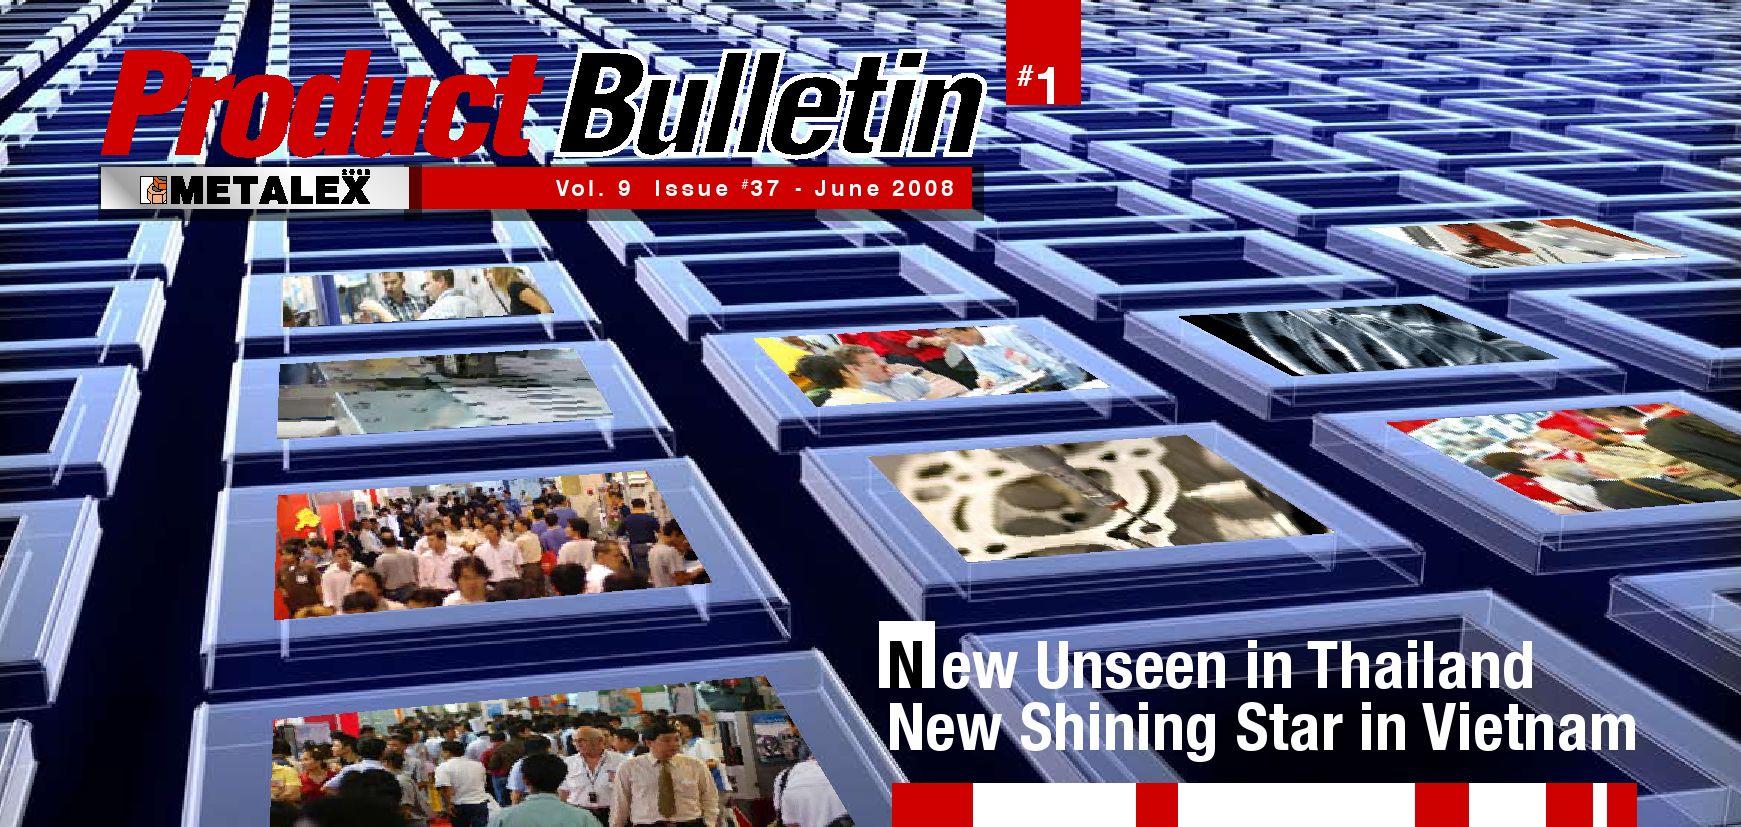 Mtx08 E Bulletin 1 By Medee Chaiyo Issuu Tang Ampere Sanwa Ac Dc Dcm2000ad